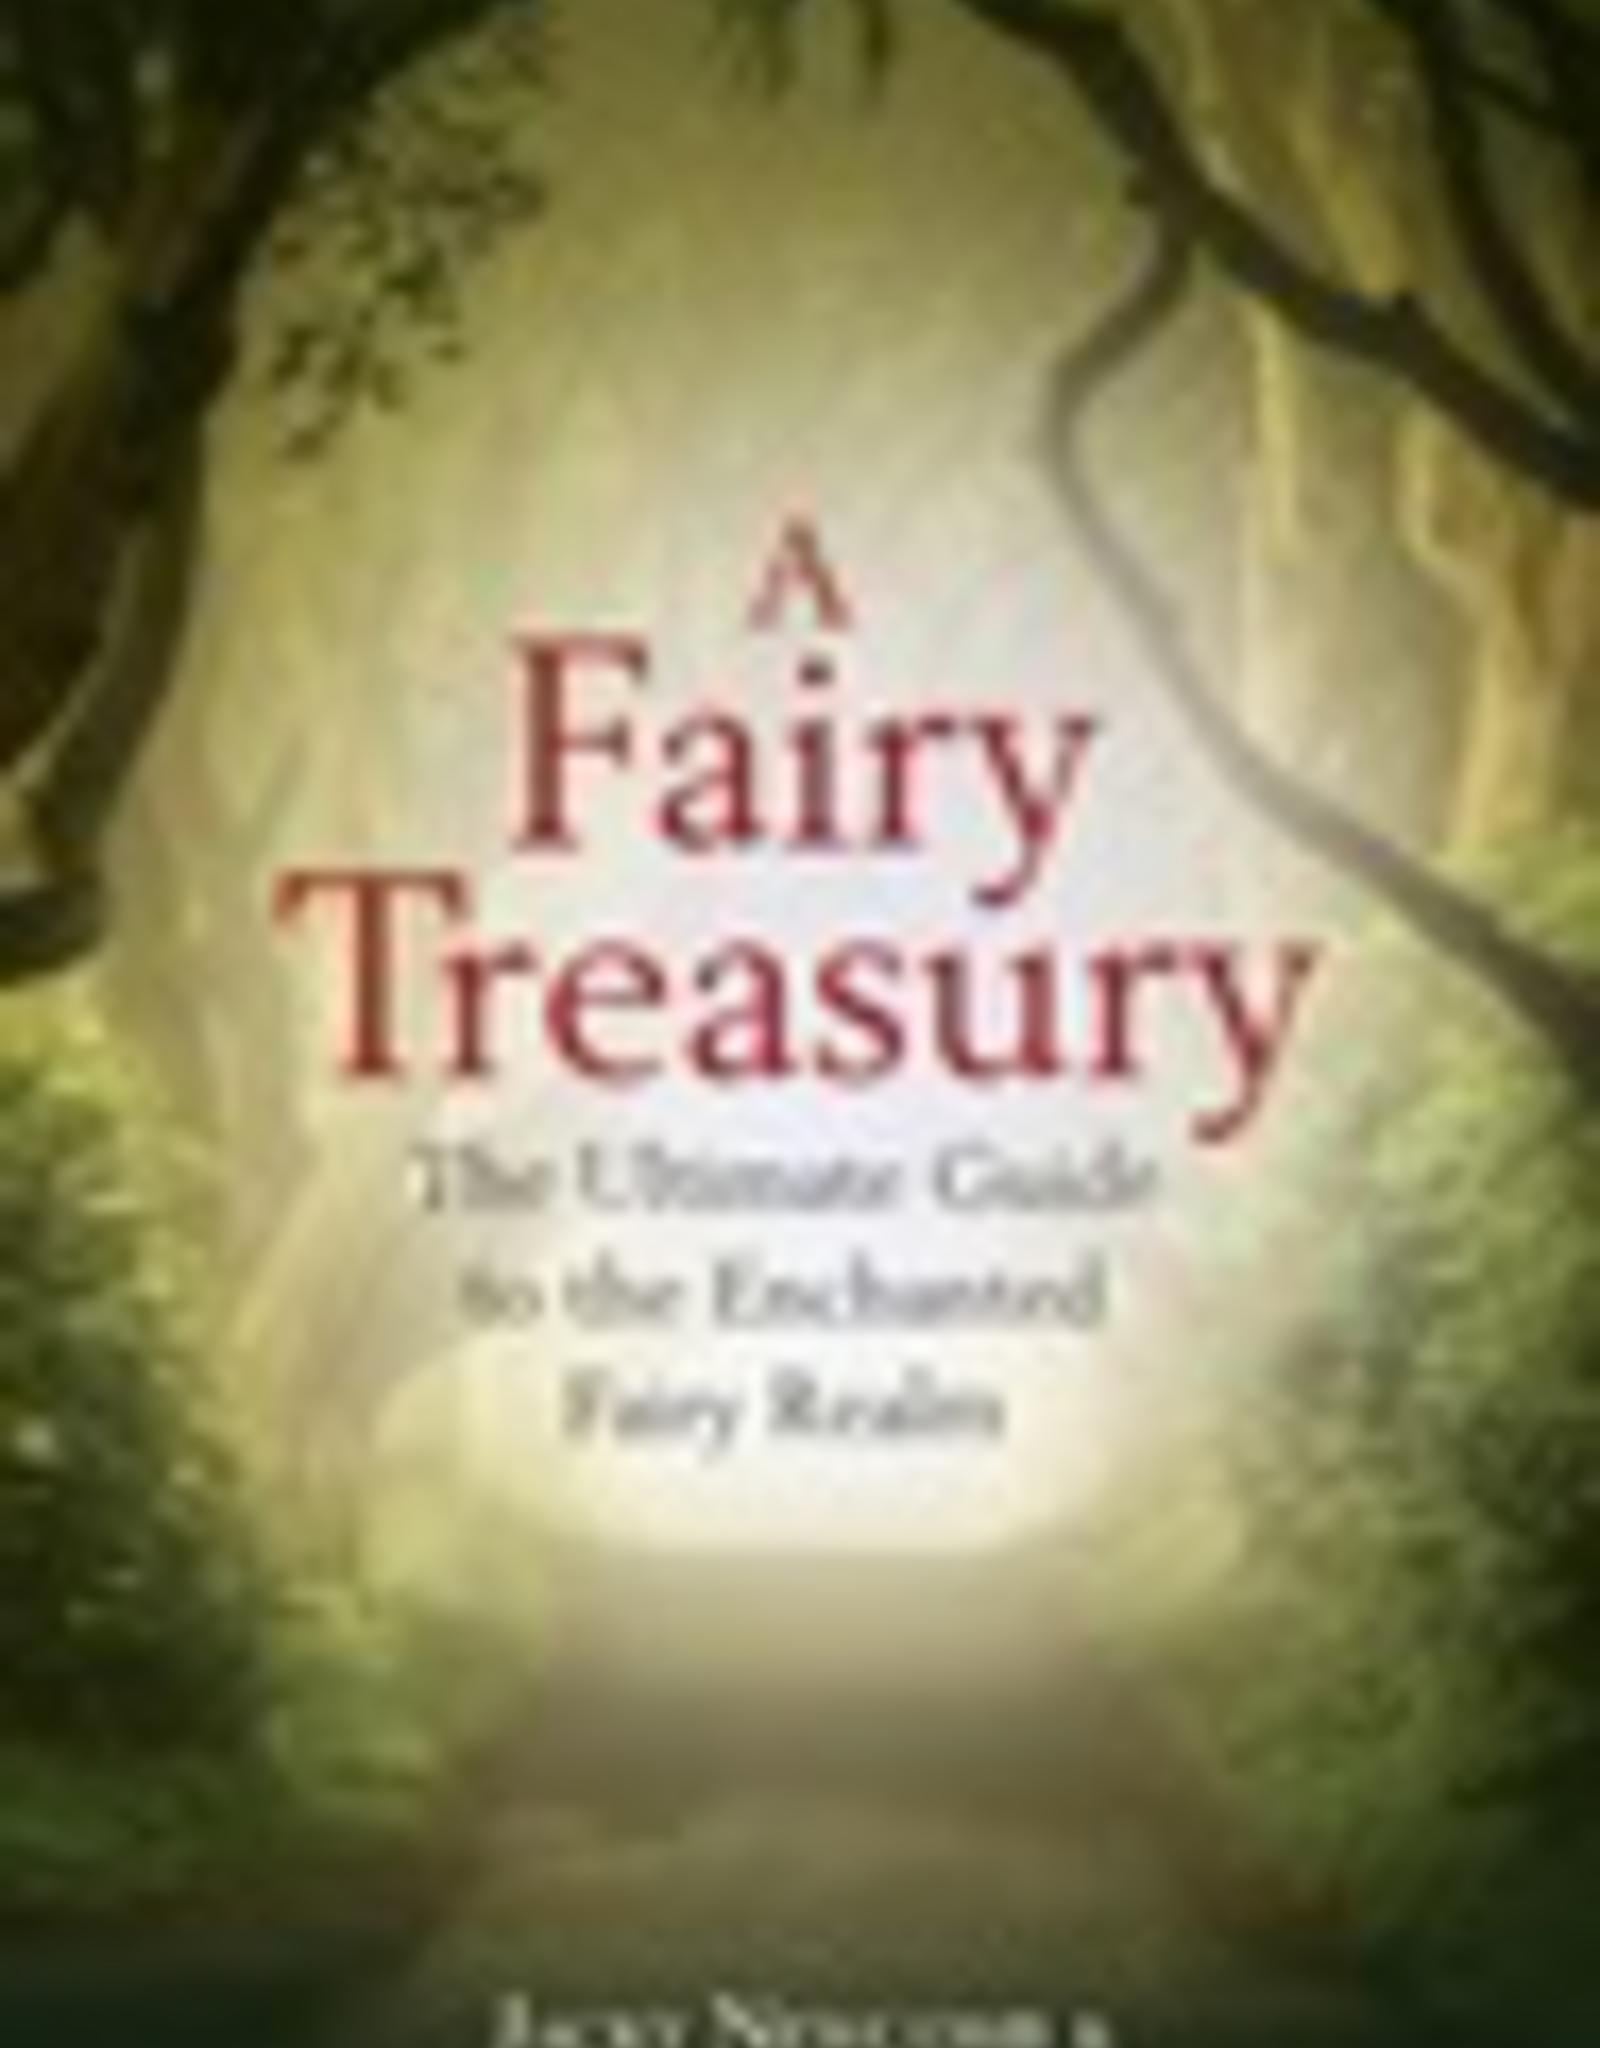 Fairy Treasury